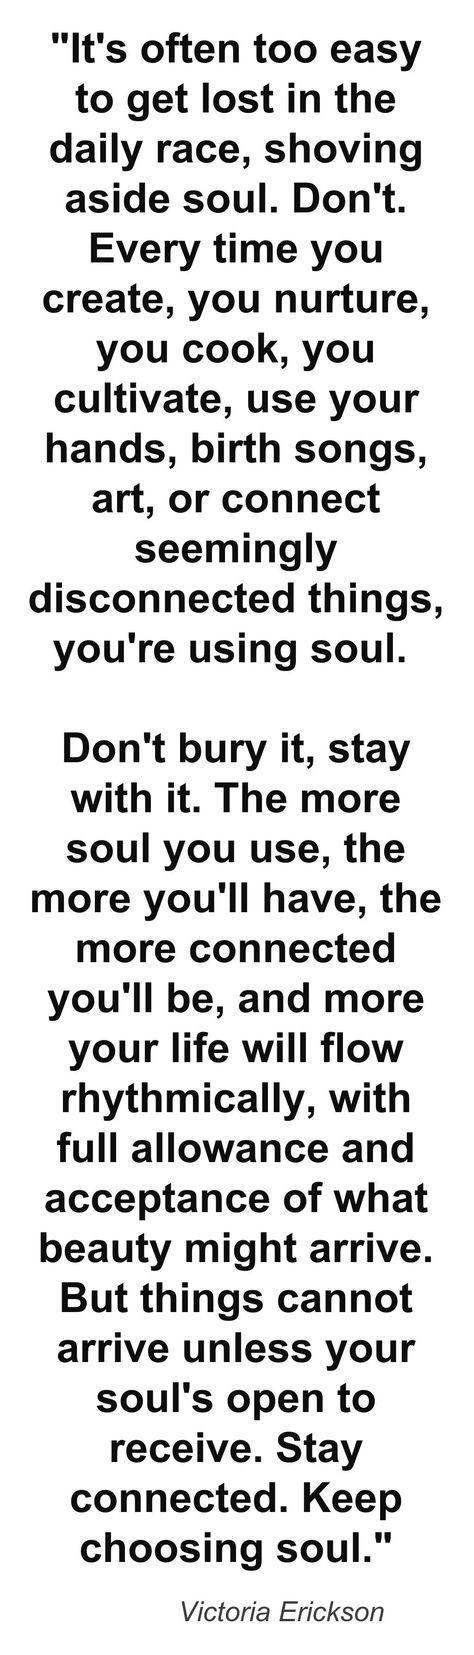 Keep the soul